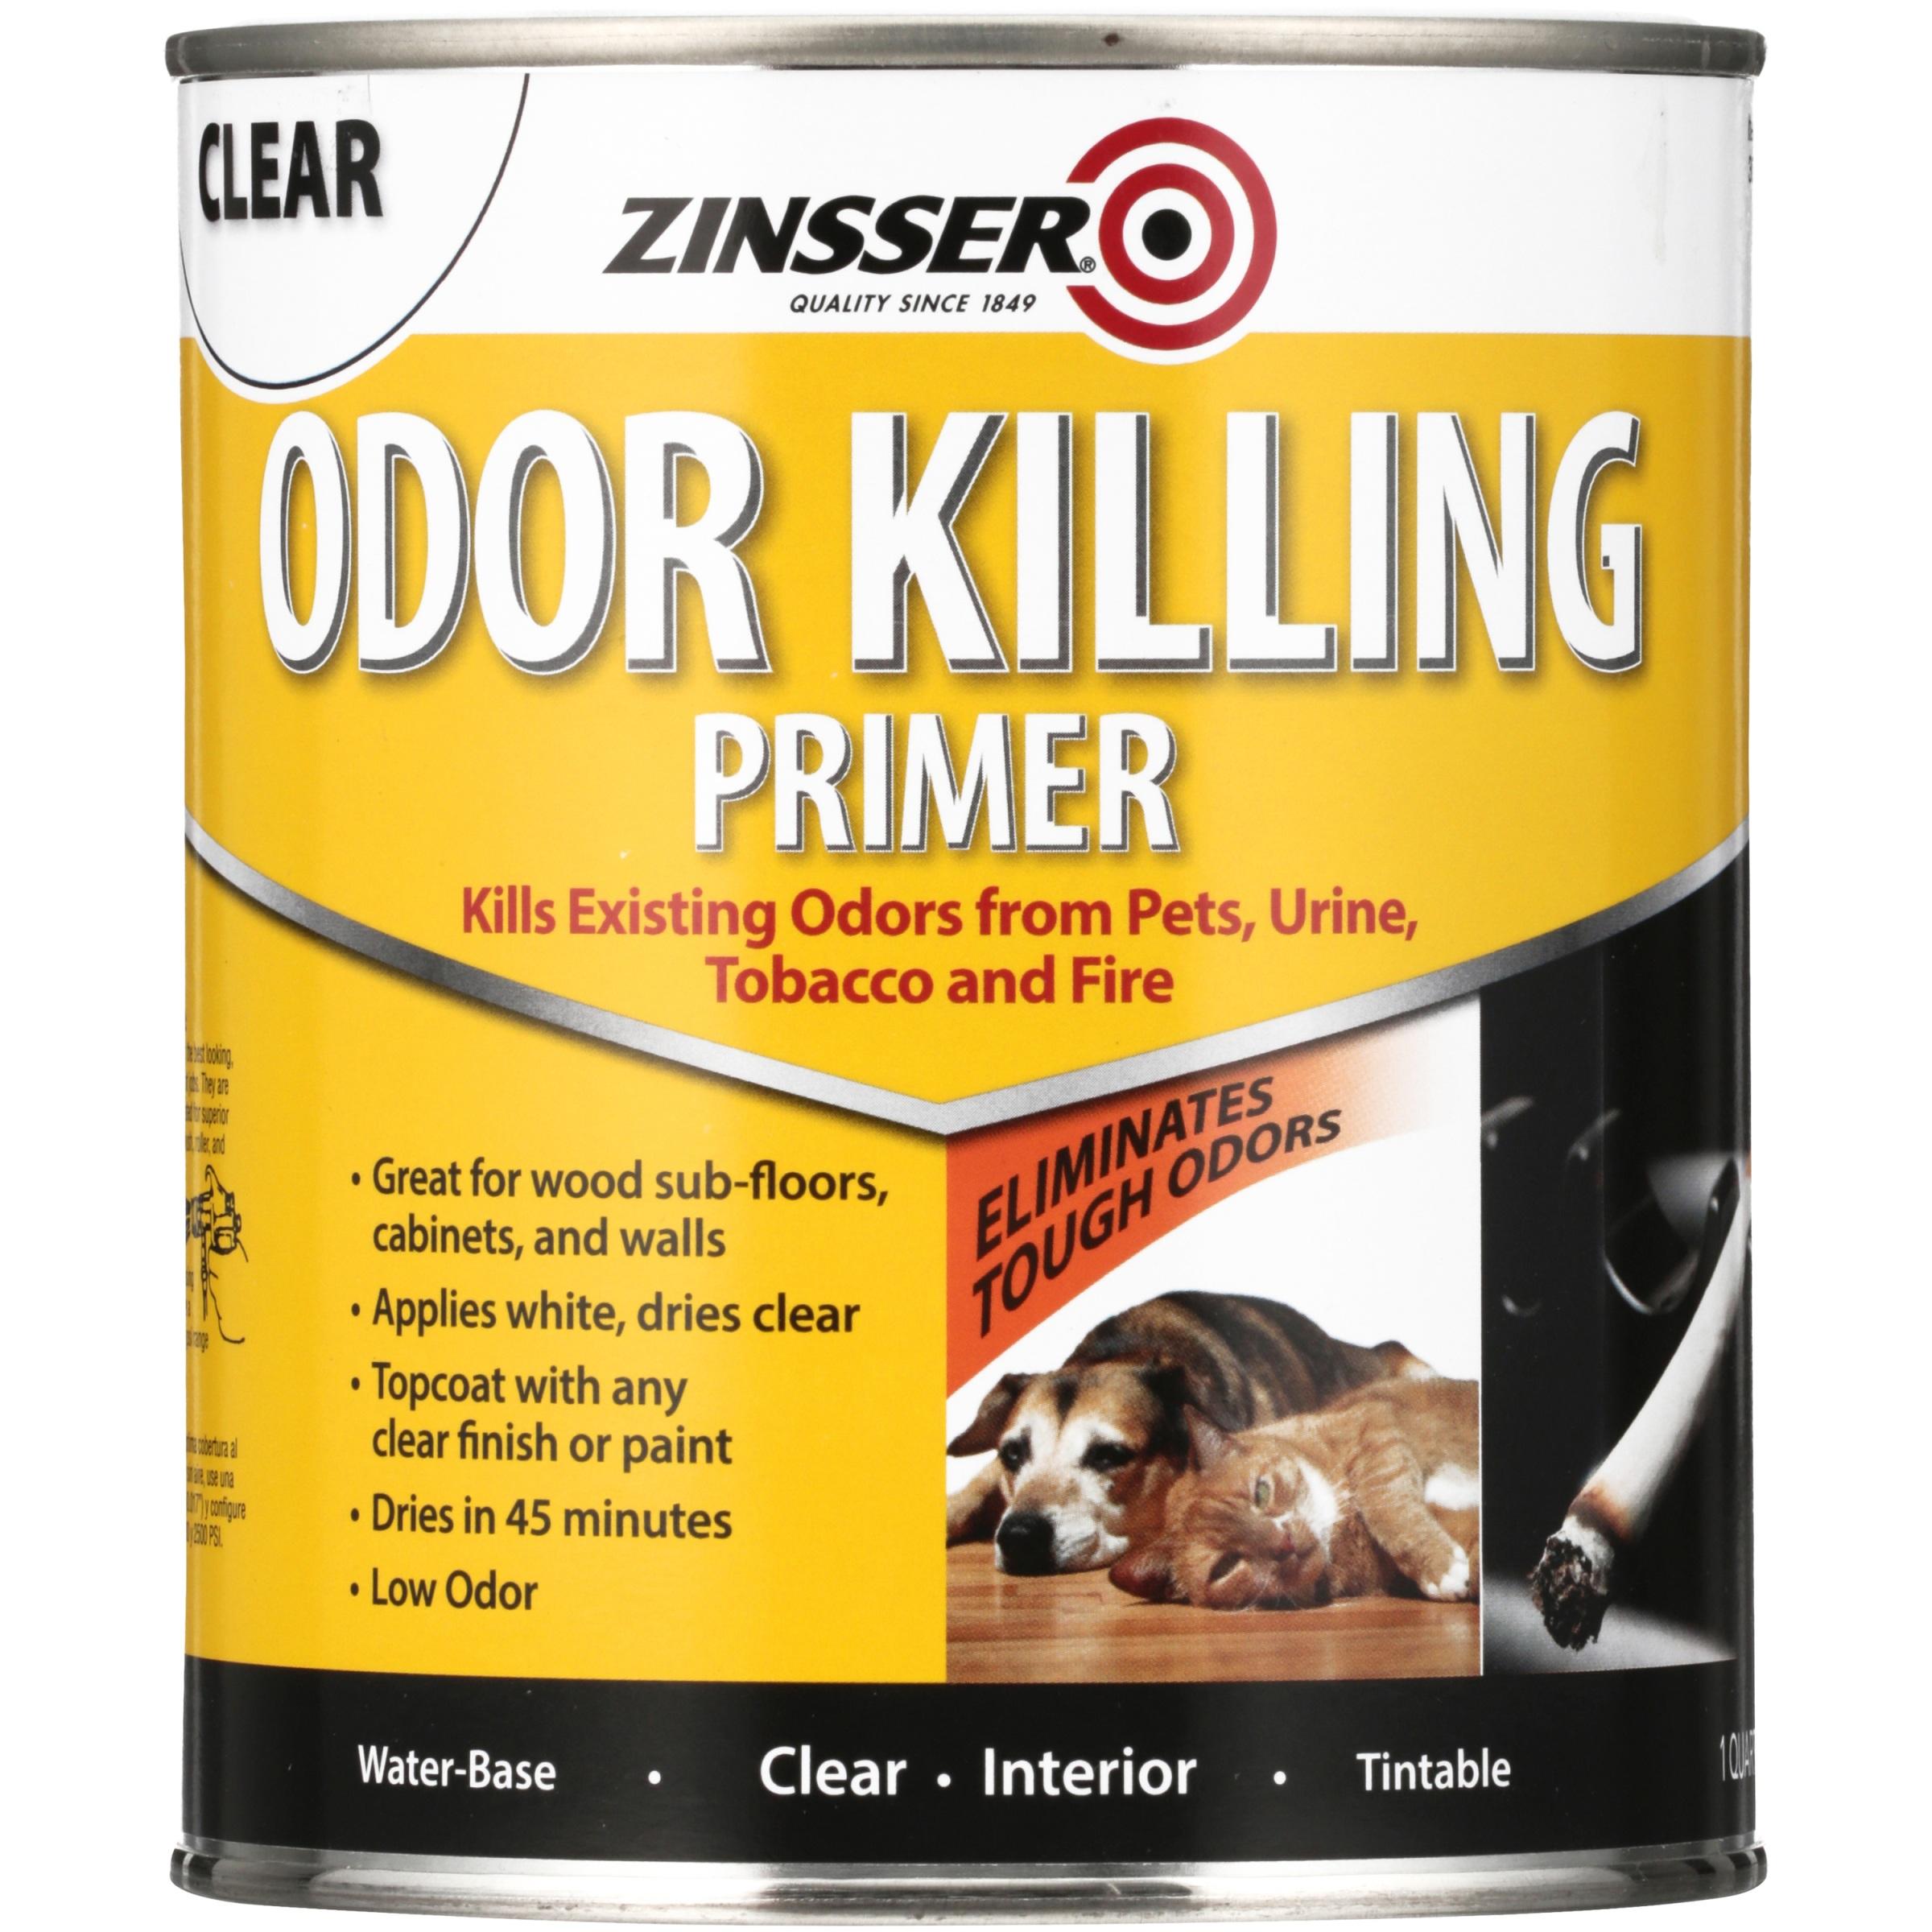 Zinsser Clear Indoor Odor Killing